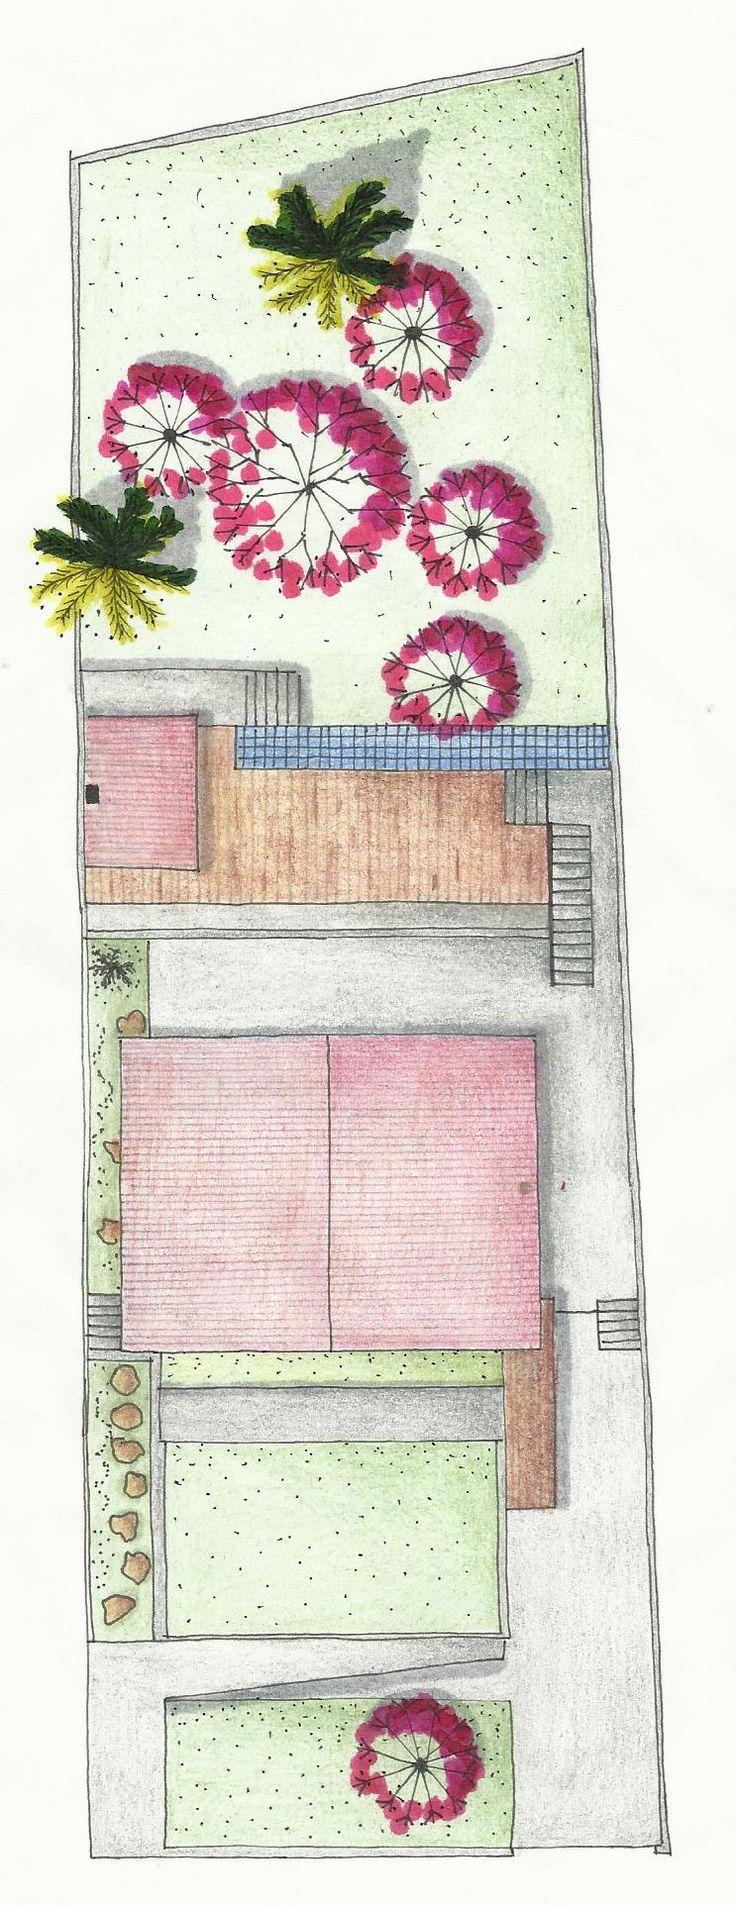 Destaque para a vegetação feita com hidrocor rosa. Autor: Harachane Bassane  2013/4 Professor: Cristina Piccoli